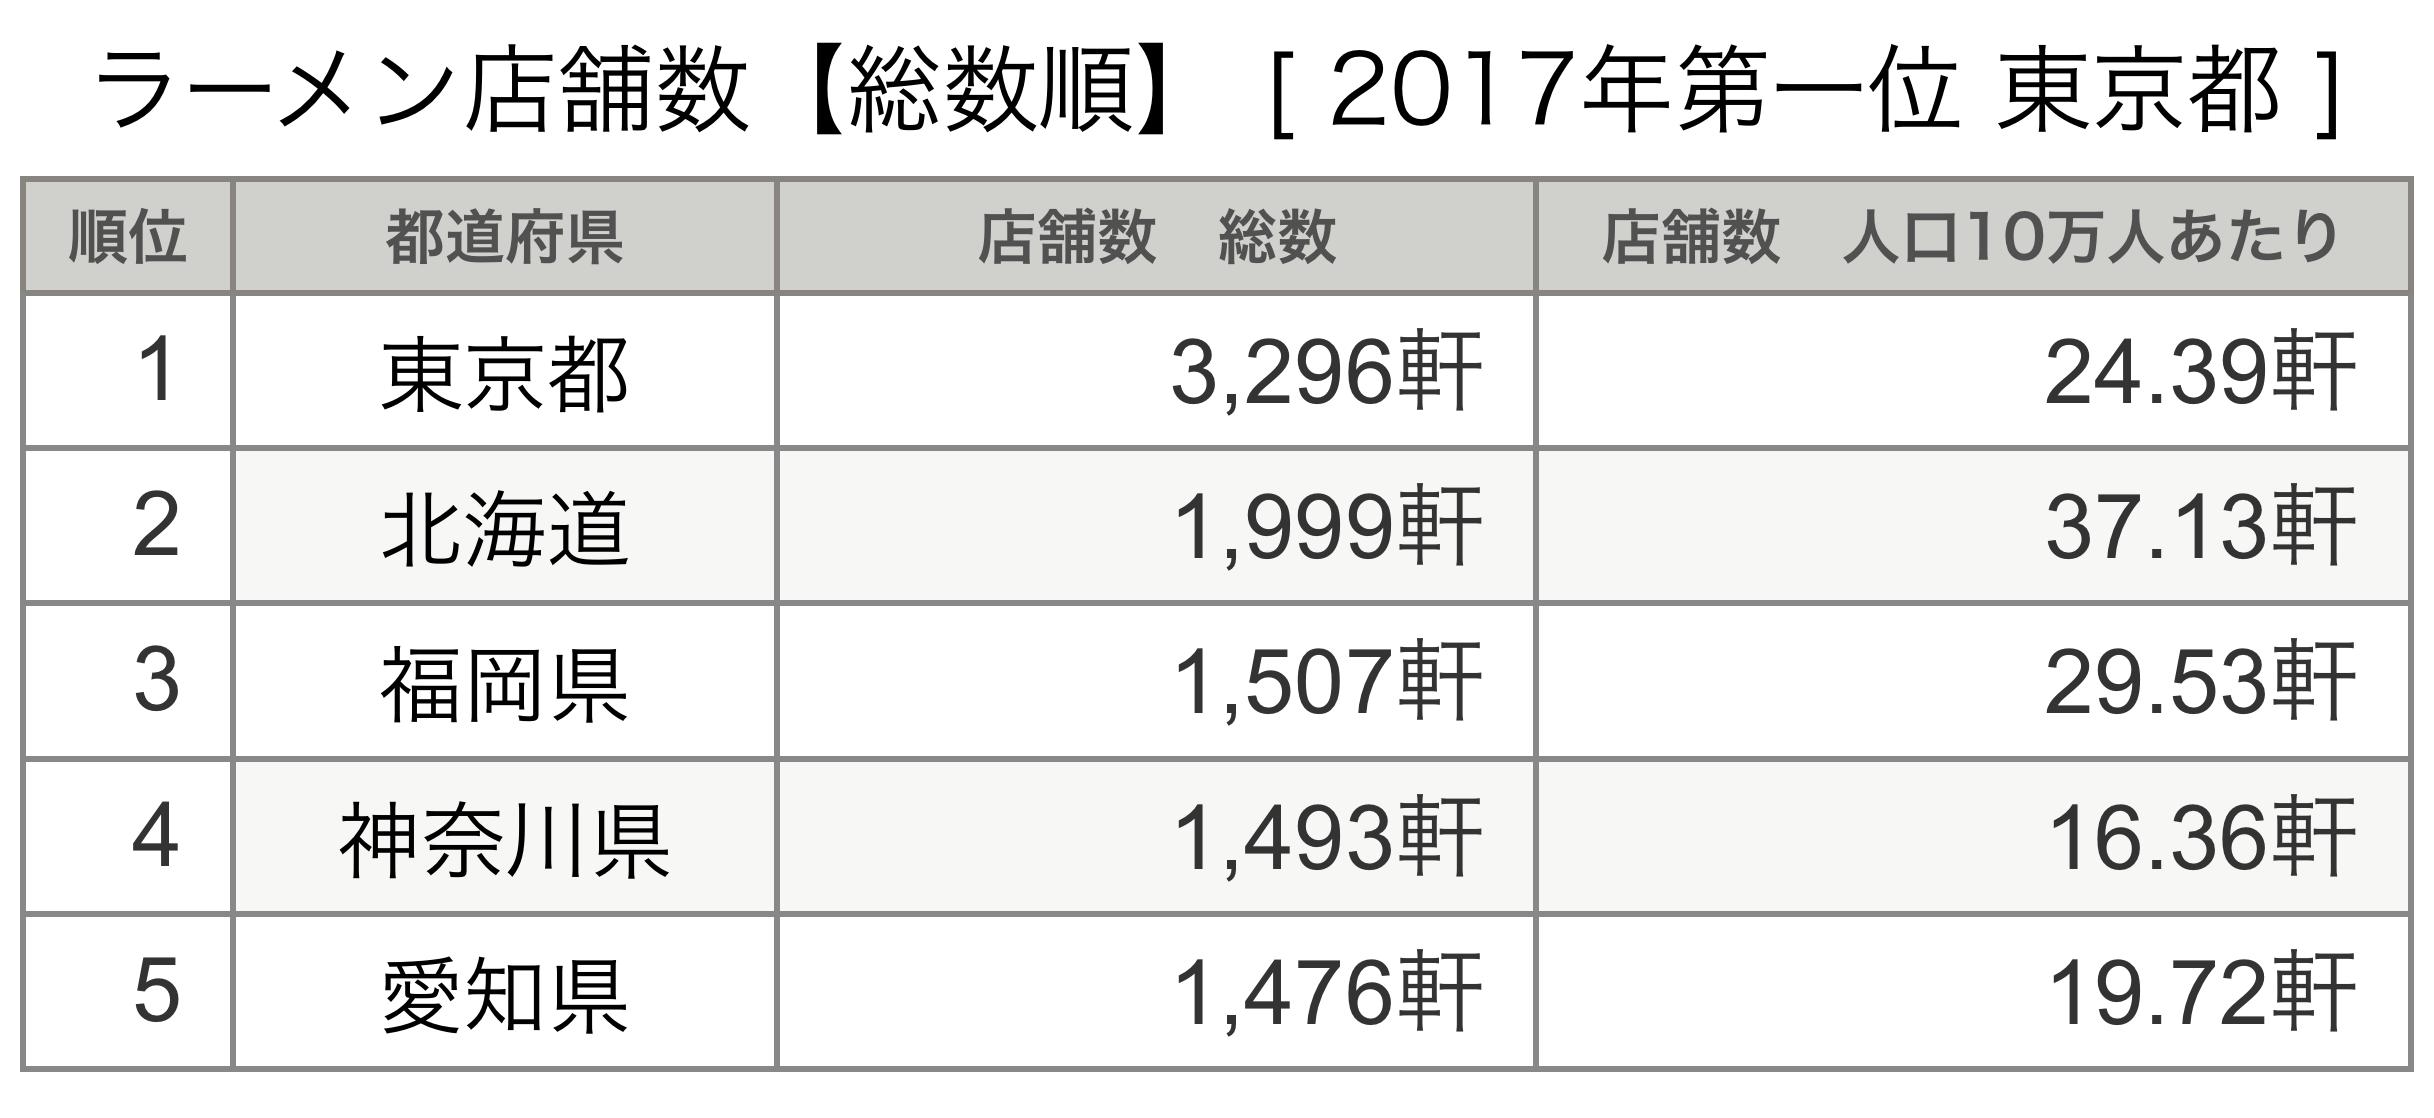 ラーメン店舗数【総数順】[2017年第一位 東京]